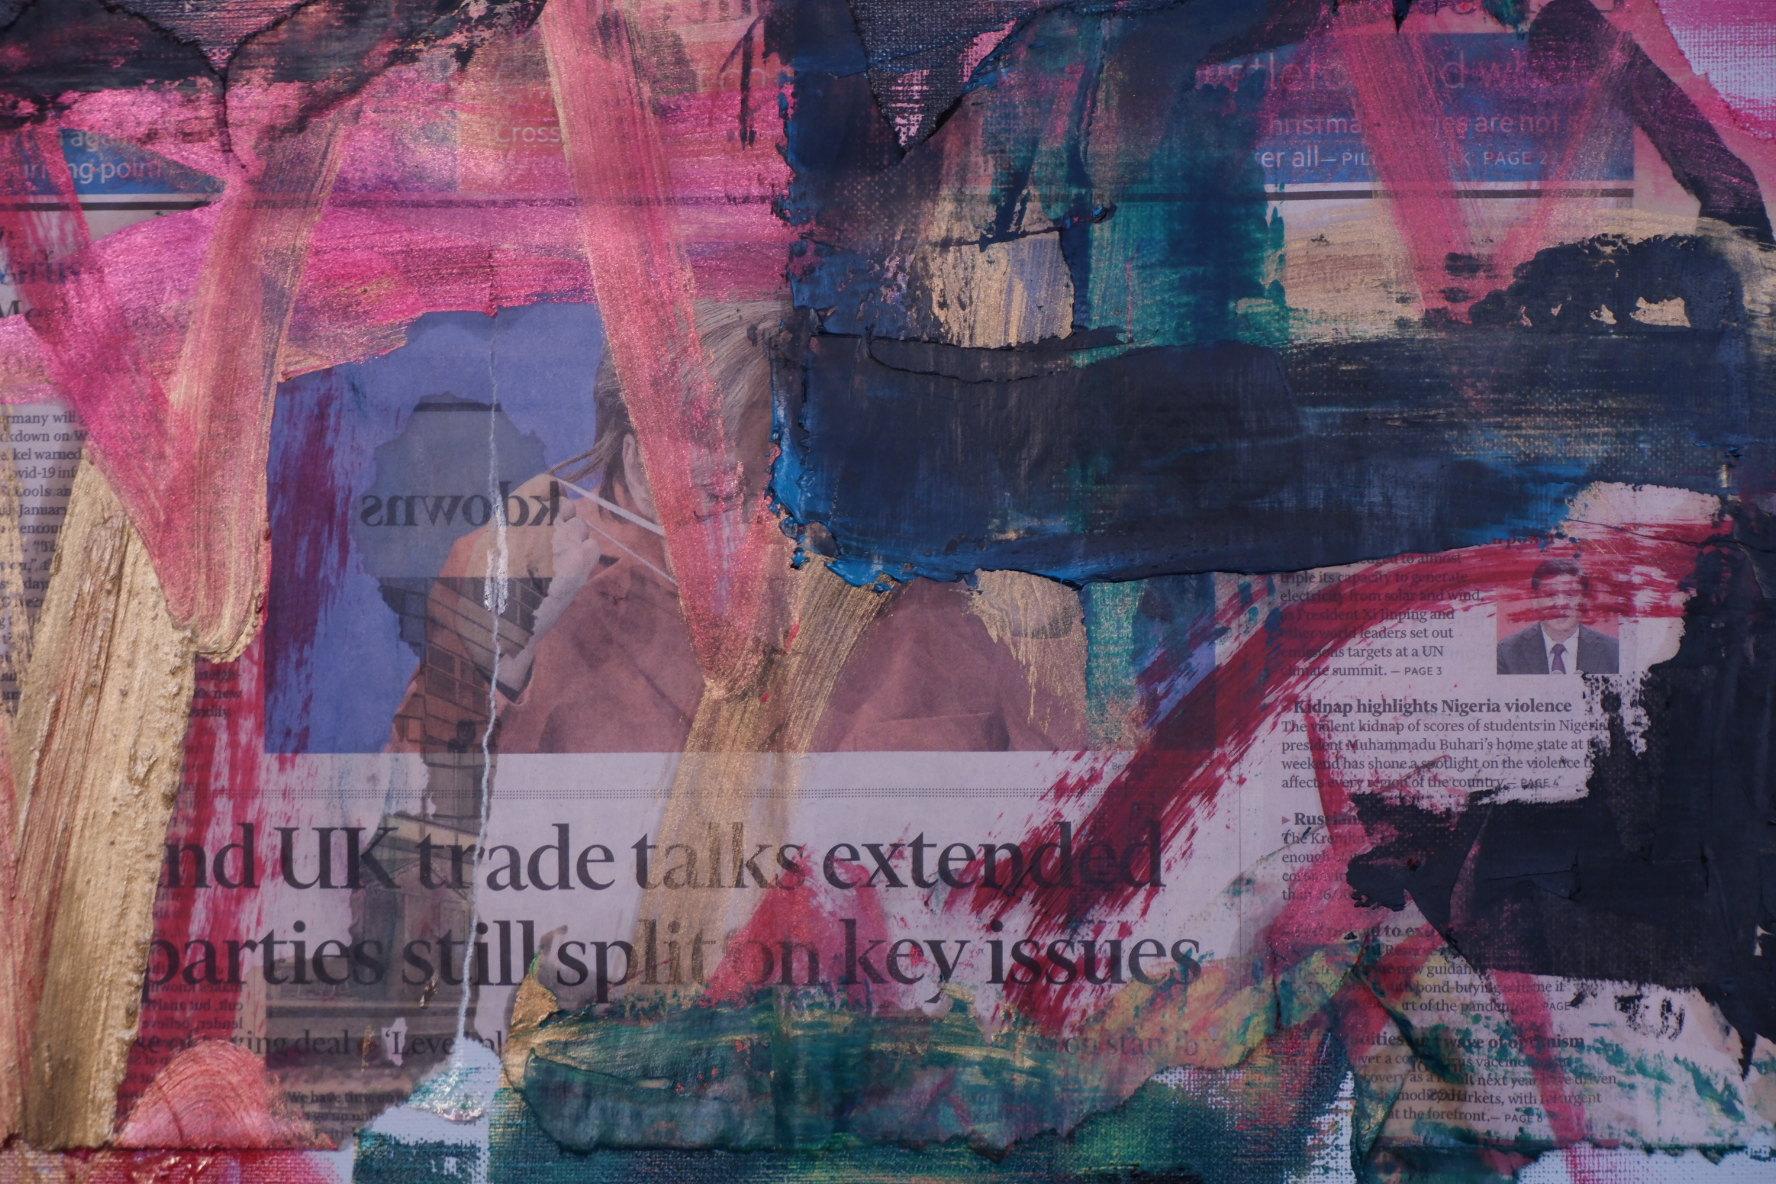 2021/11/26- Salon international d' art contemporain – rescheduled